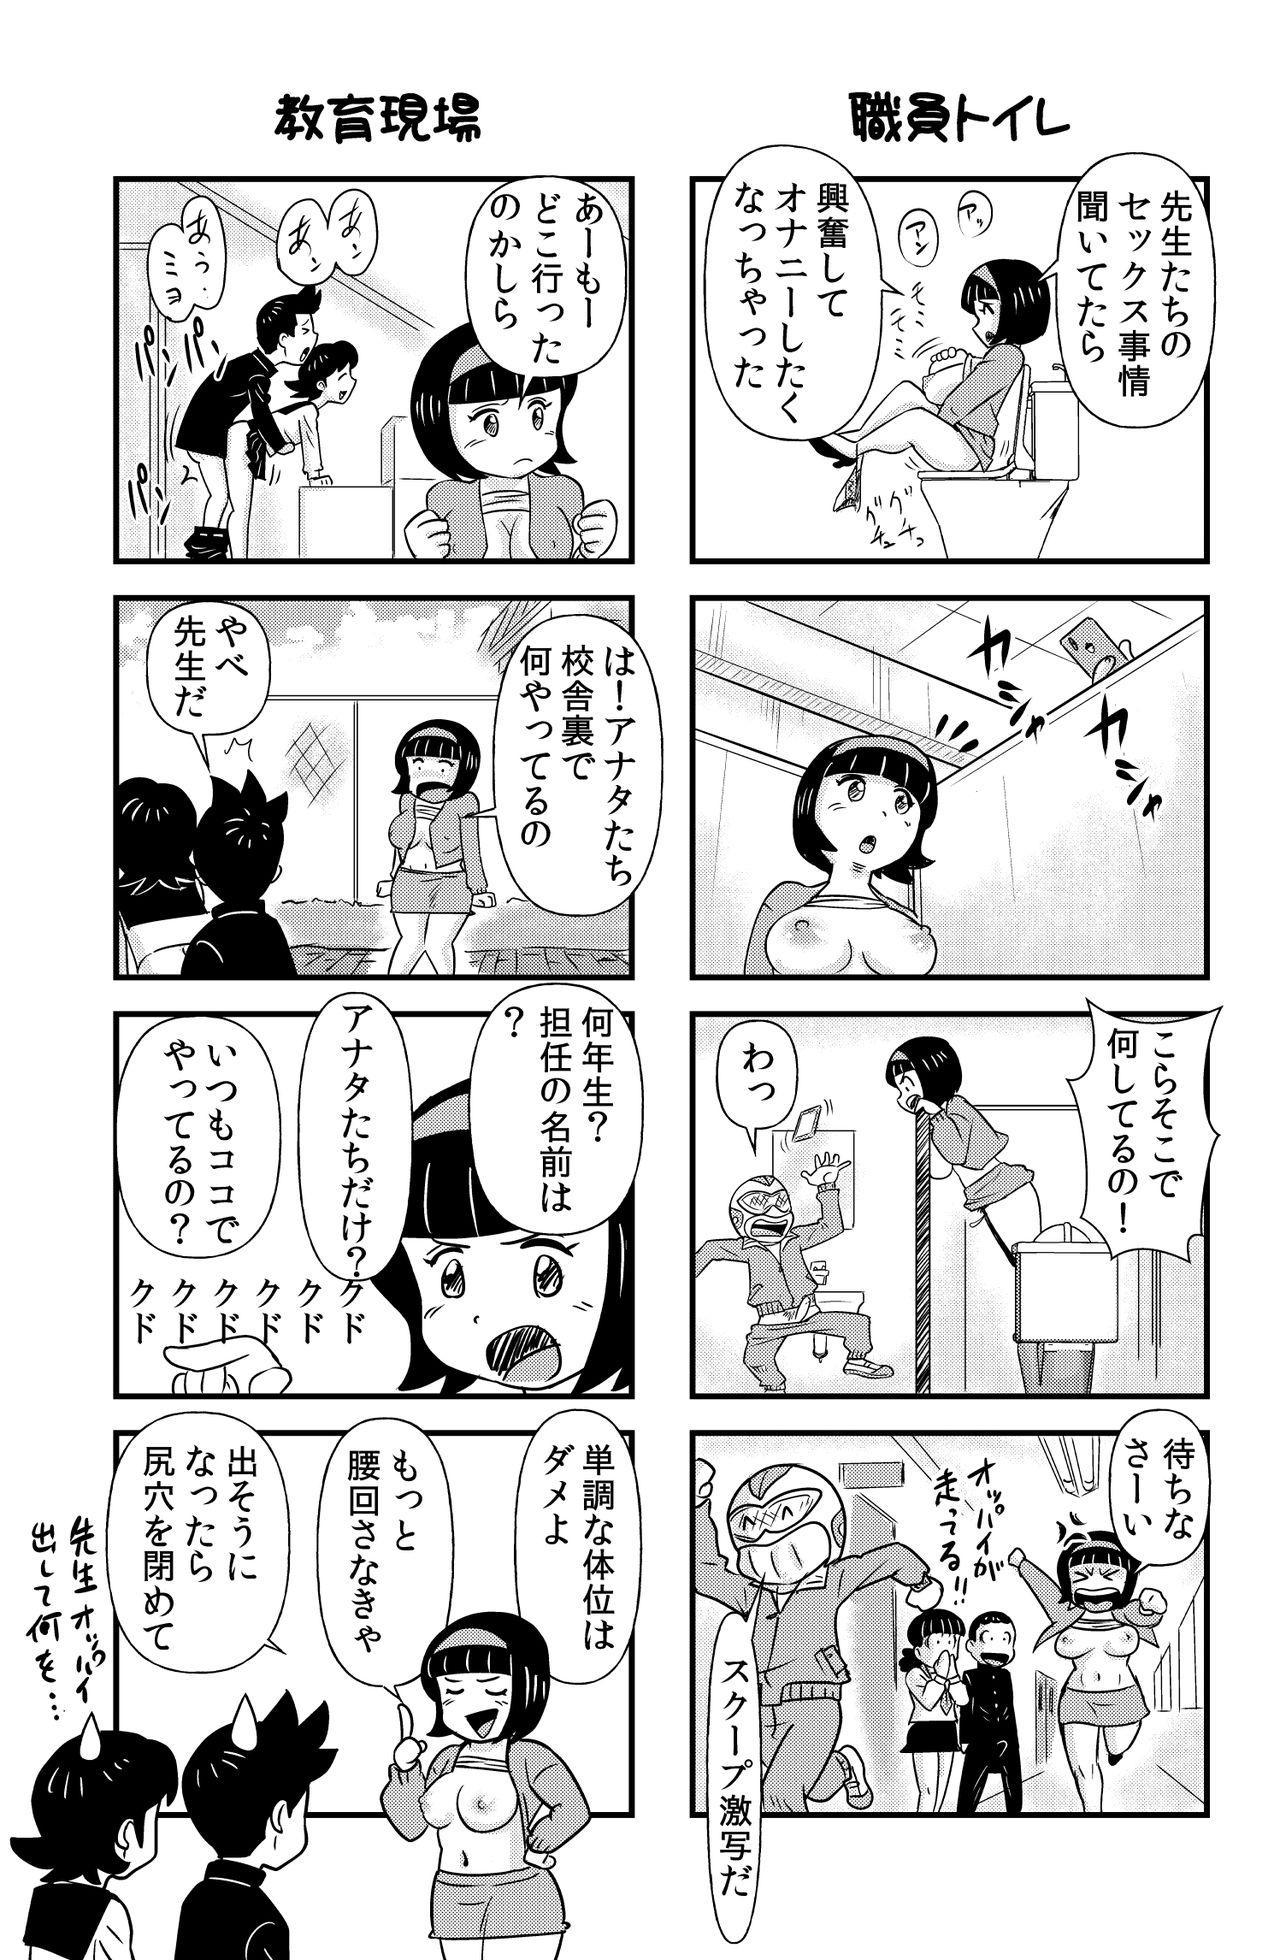 おっちょこチヨコ先生 2